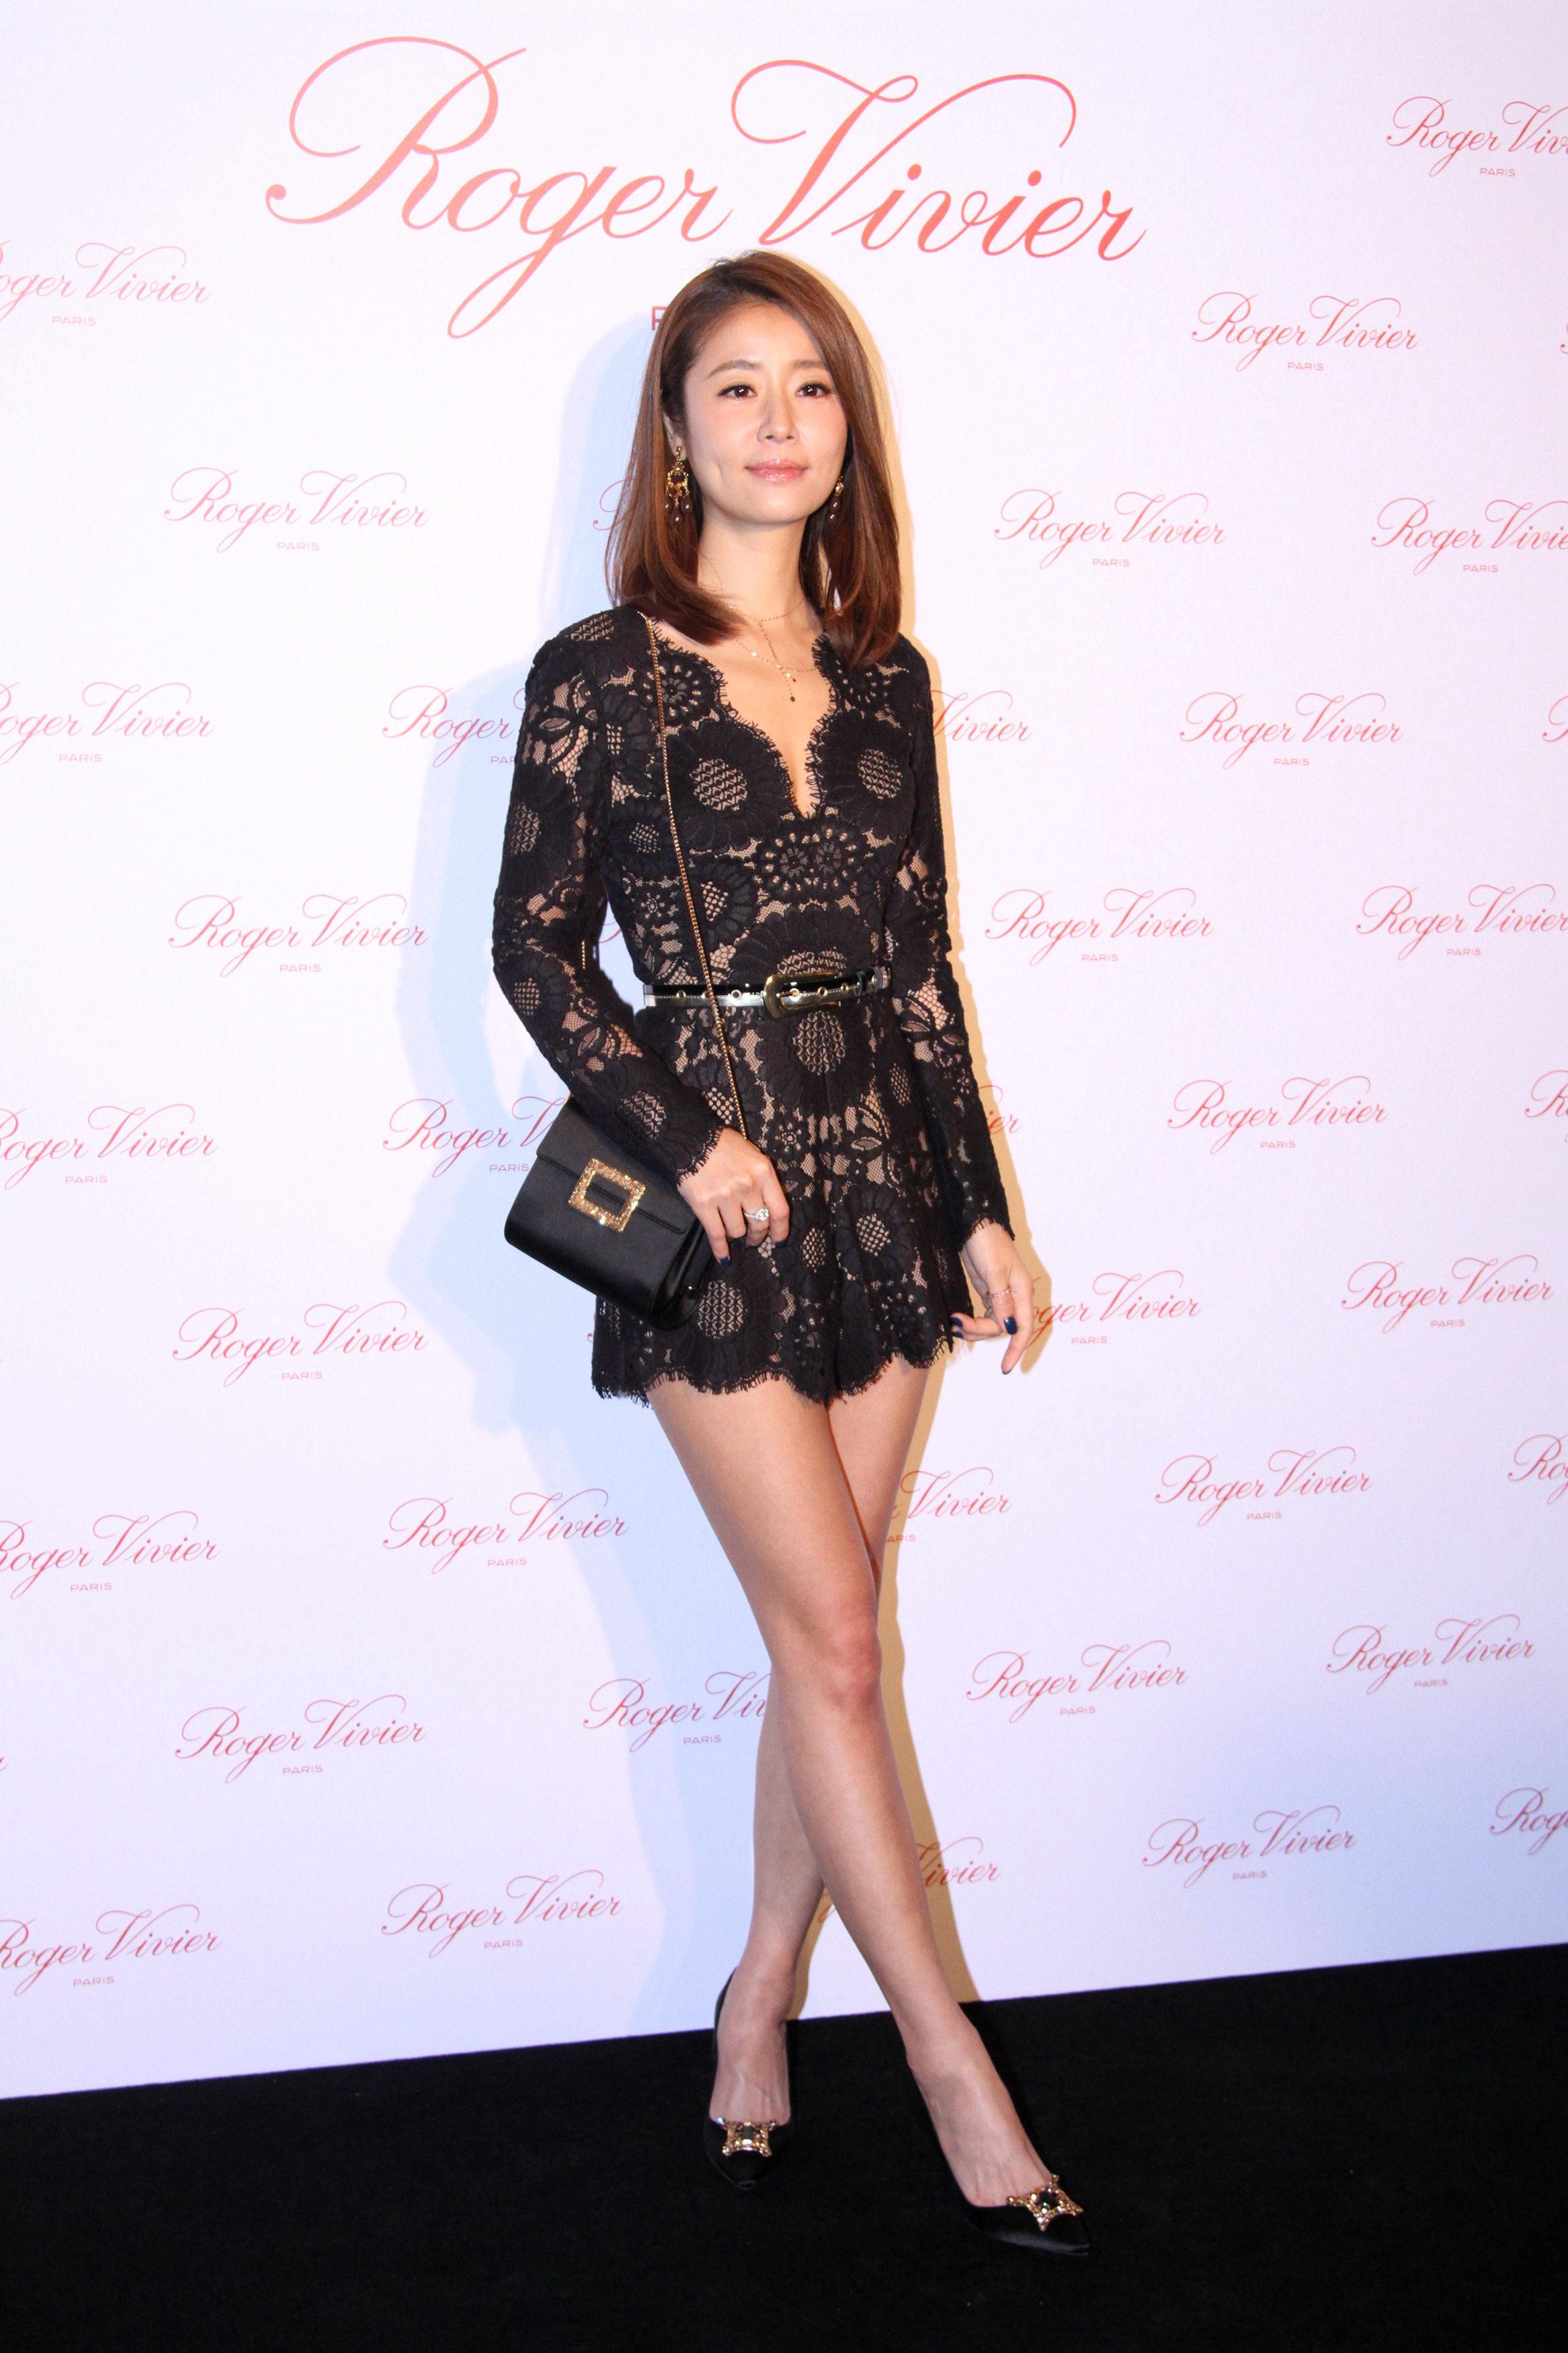 林心如另一套蕾丝短裙大秀美腿,凸显好身材,这应该才是霍建华最爱的图片